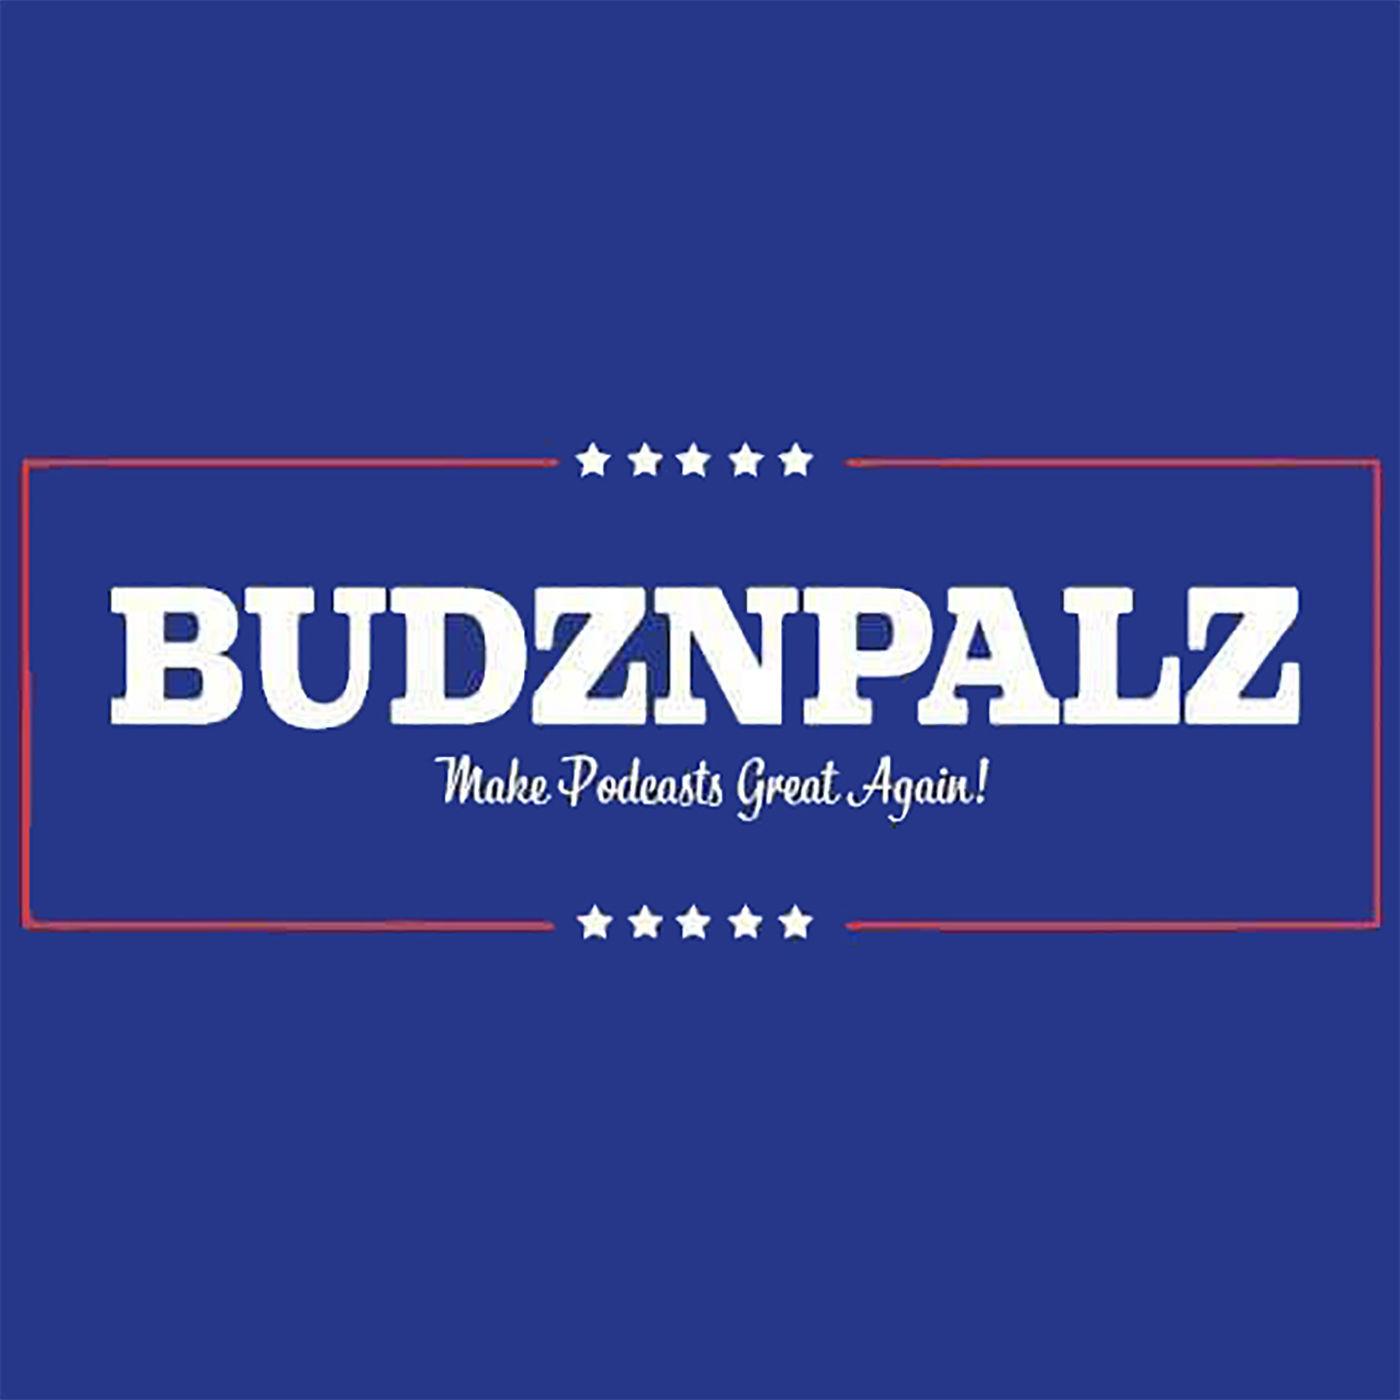 budzNpalz